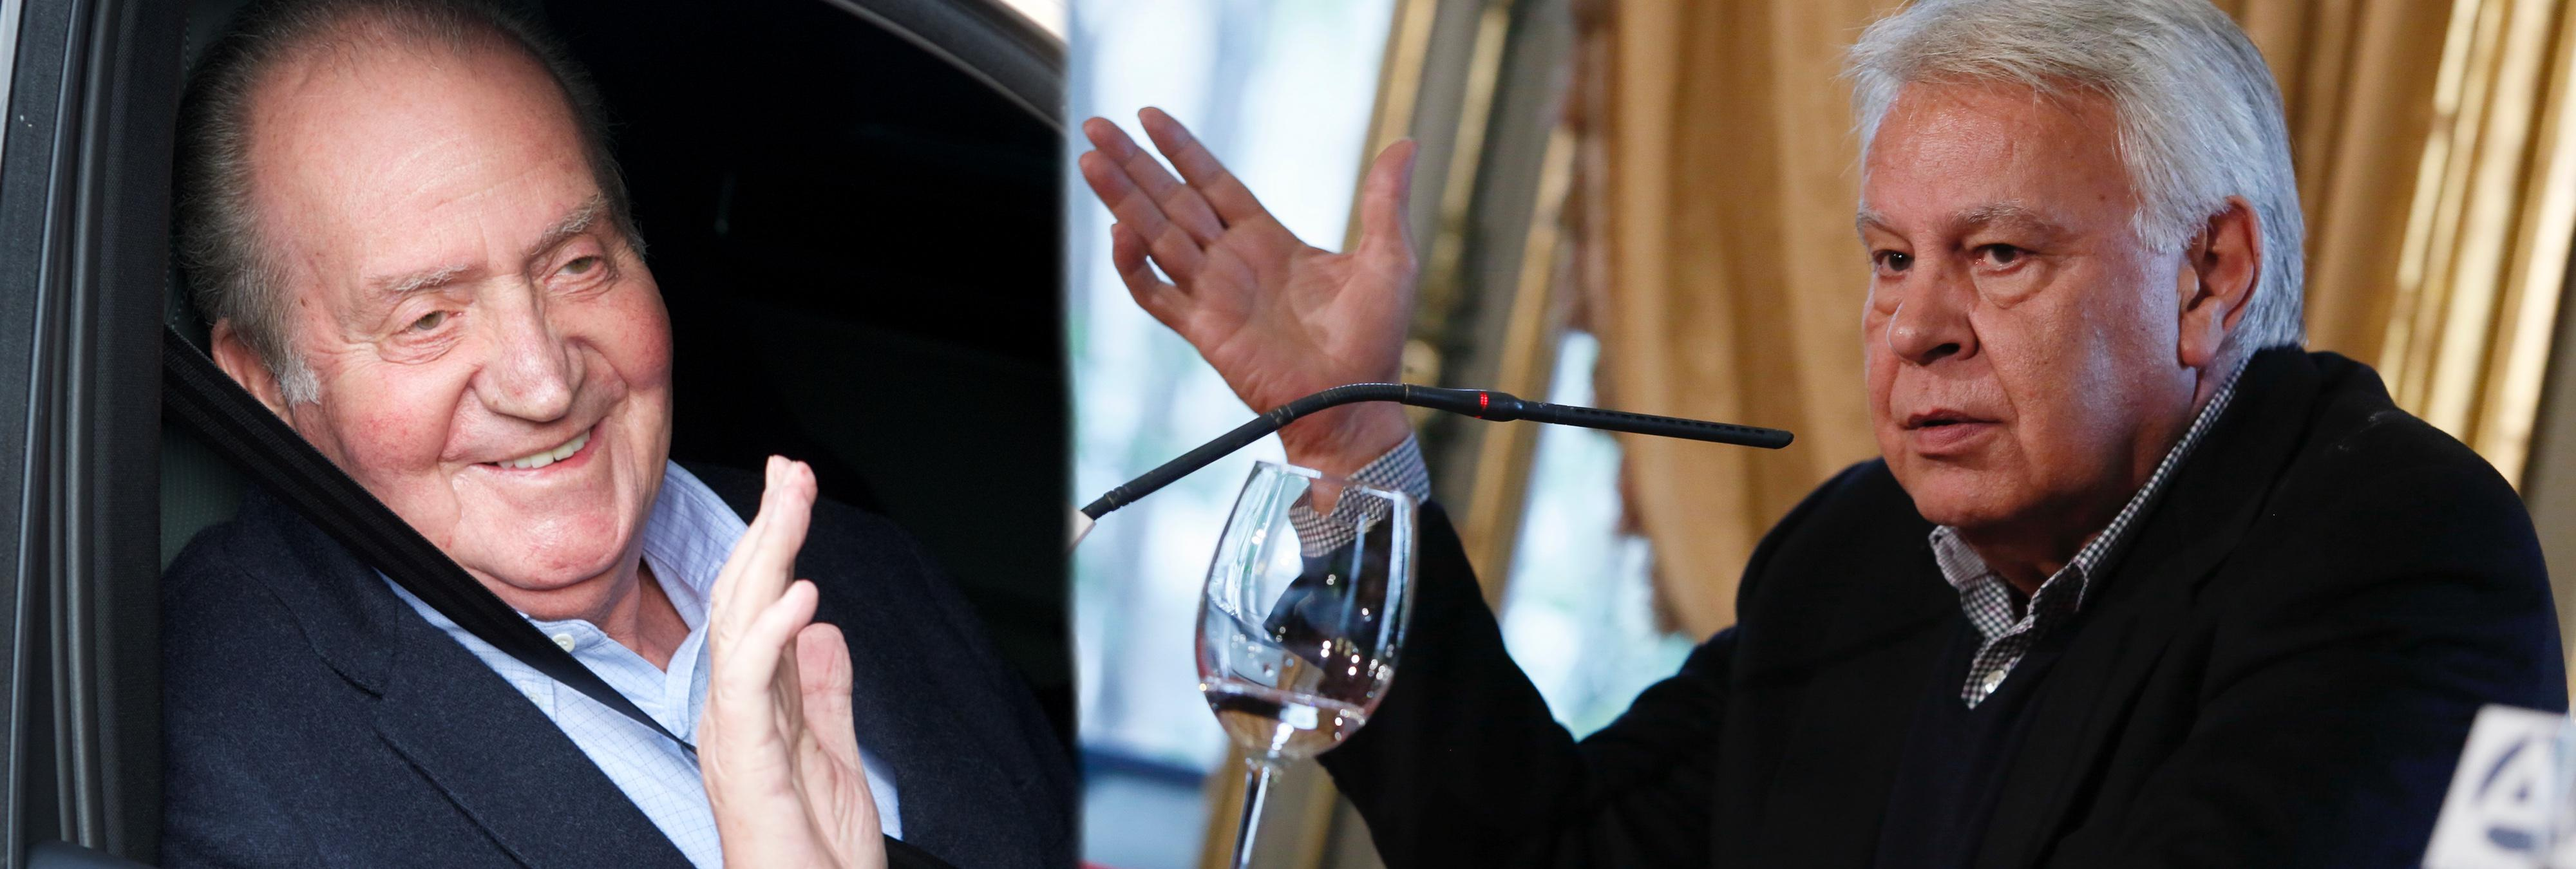 Moncloa chantajeó al Rey con la grabación del CNI para que eludiese la corrupción en el discurso de Navidad